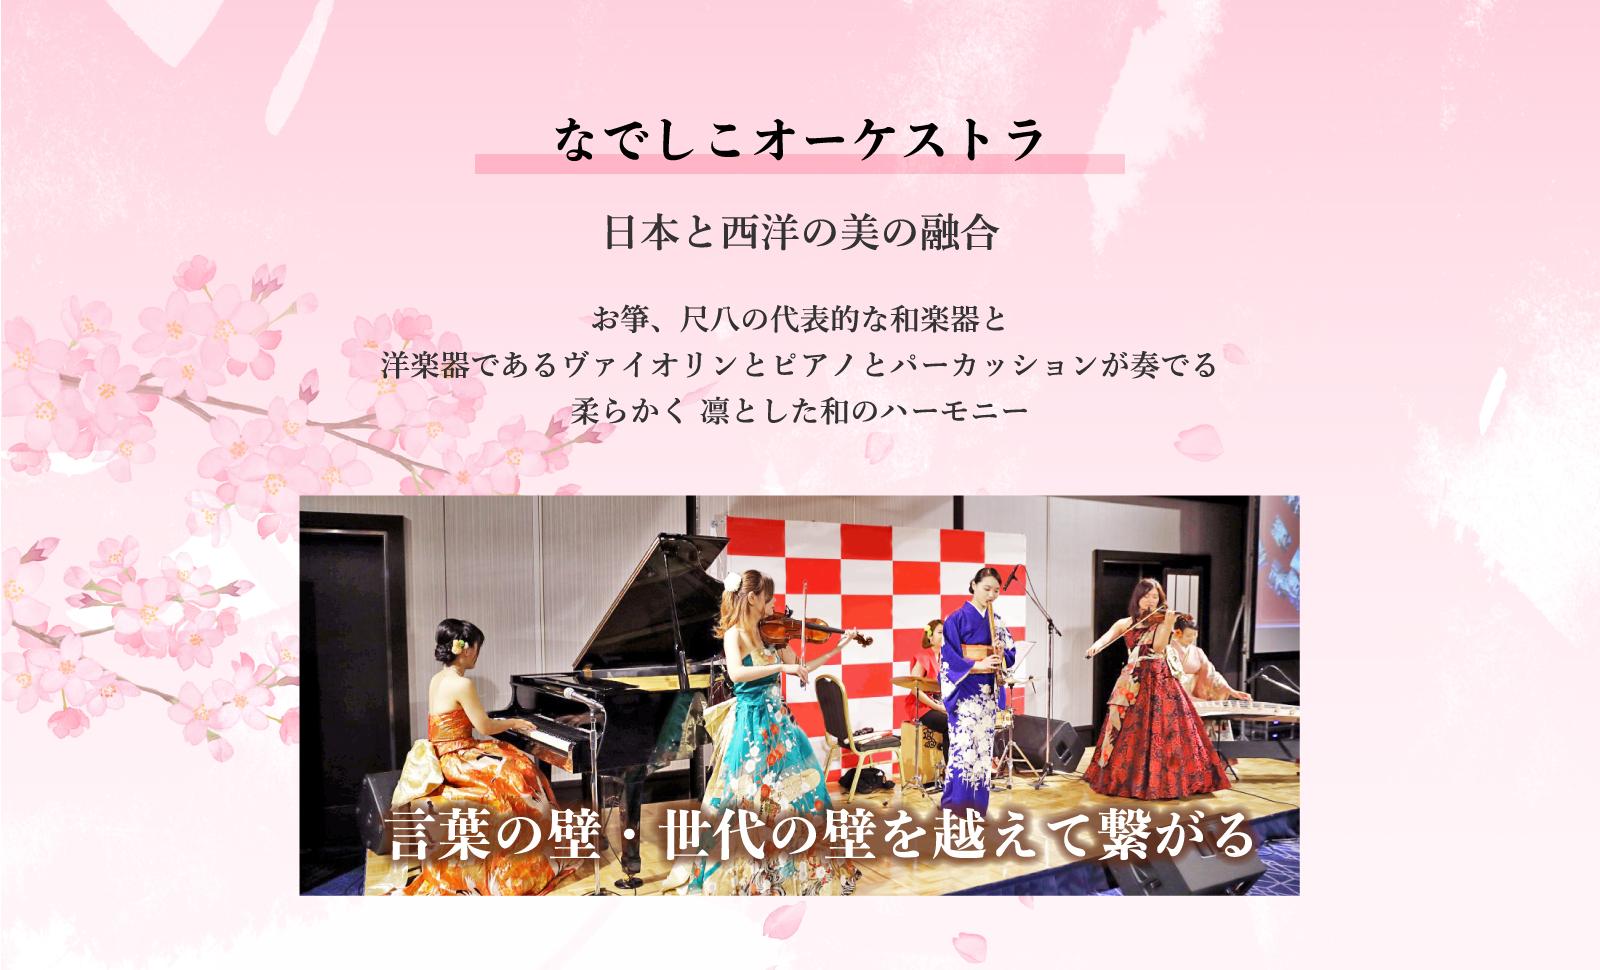 なでしこオーケストラ 日本と西洋の美の融合